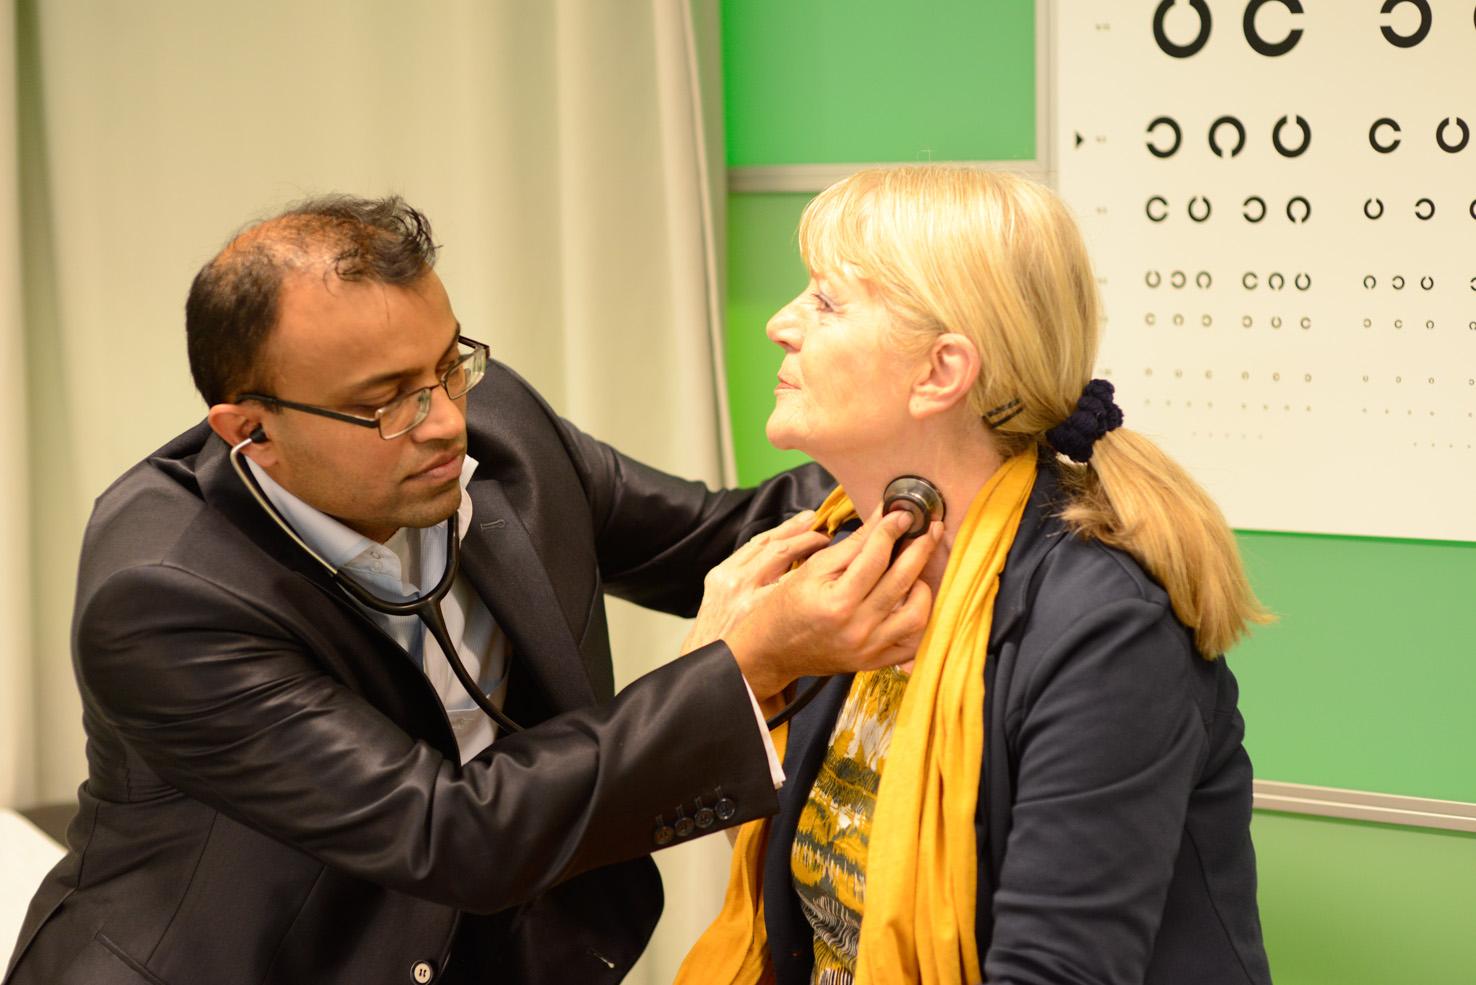 UWV verbetert beoordeling patiënten met chronische ziekte sarcoïdose